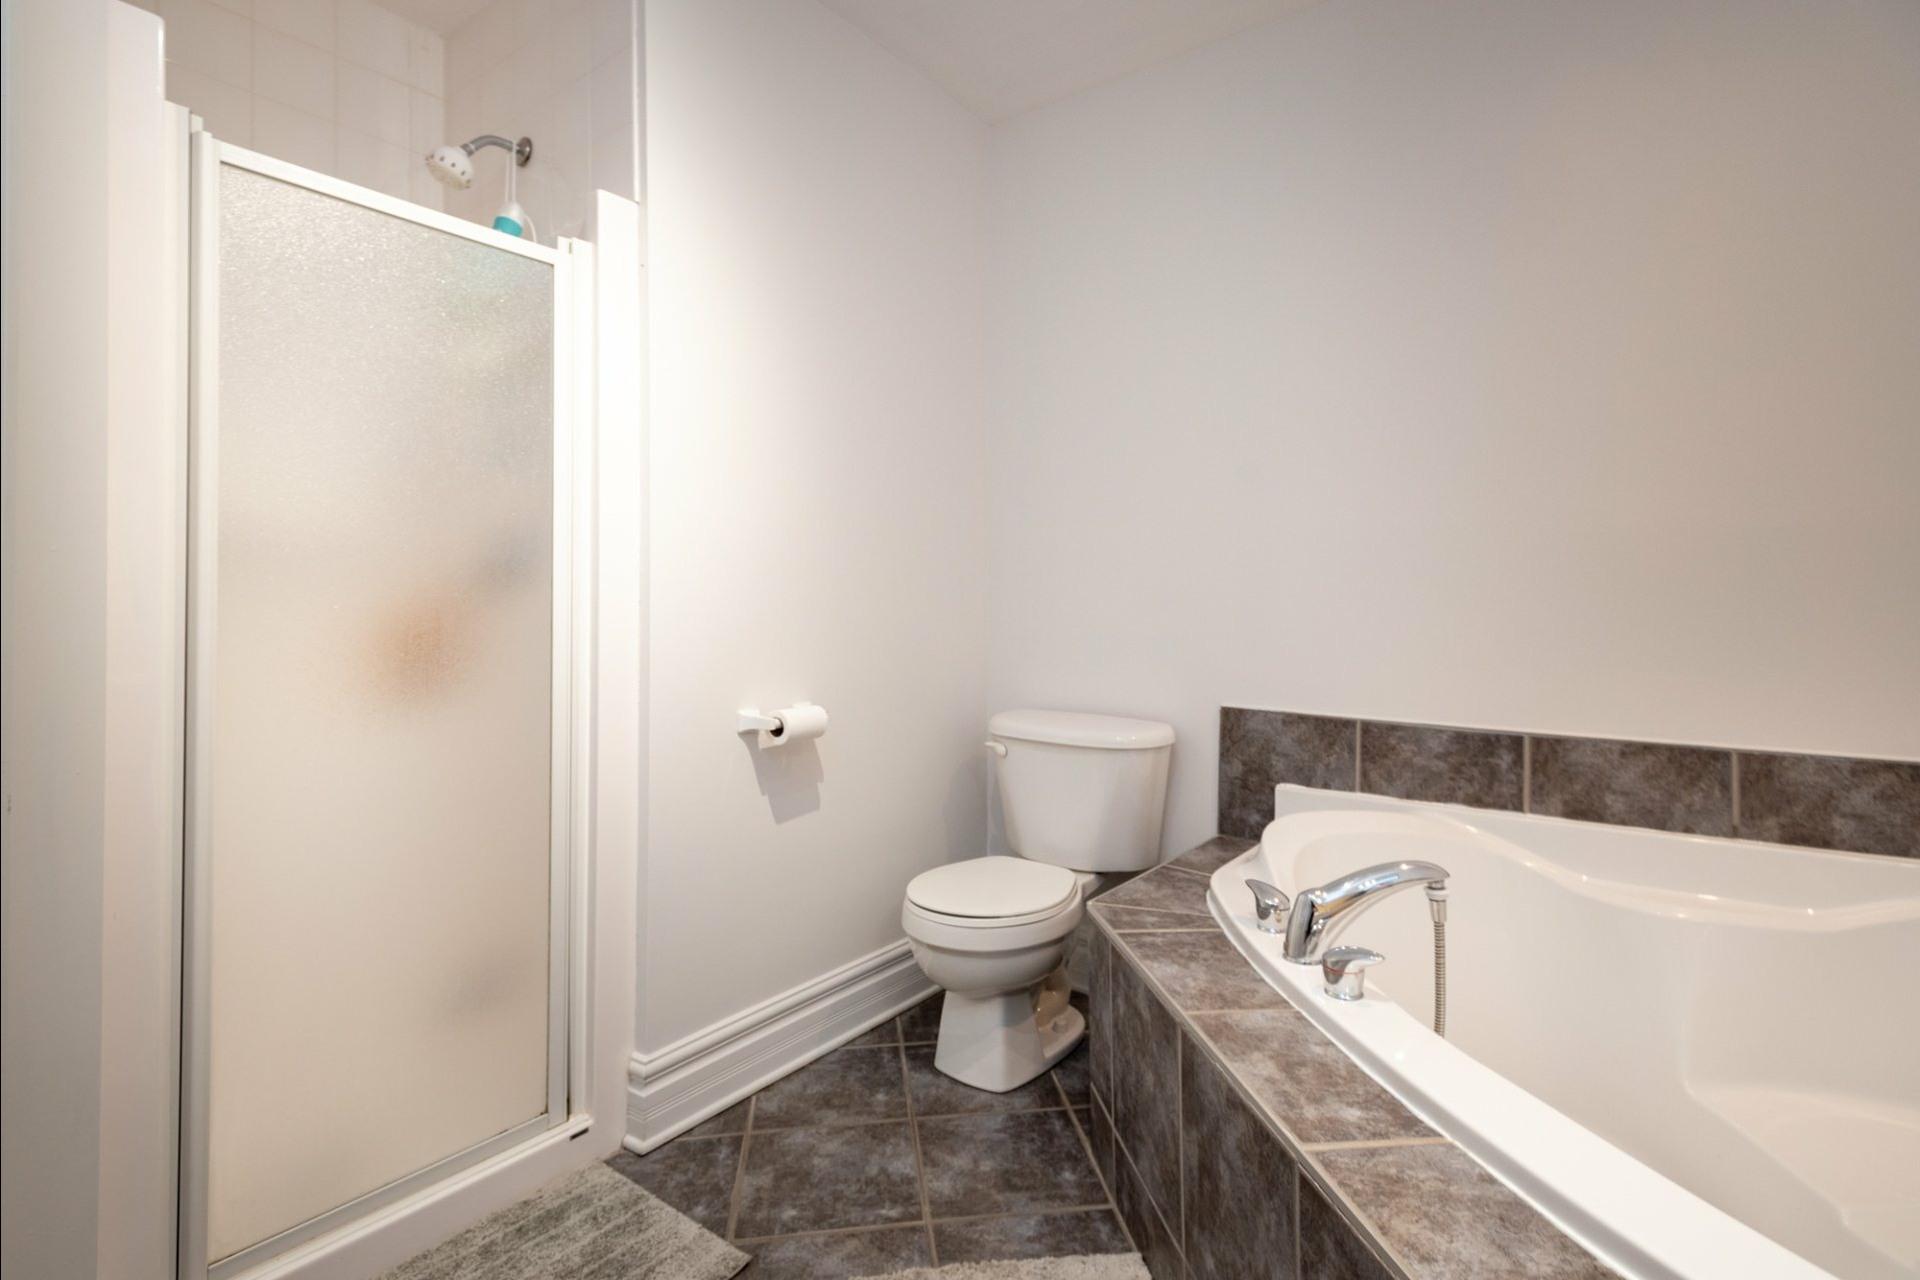 image 20 - Appartement À vendre Le Plateau-Mont-Royal Montréal  - 7 pièces